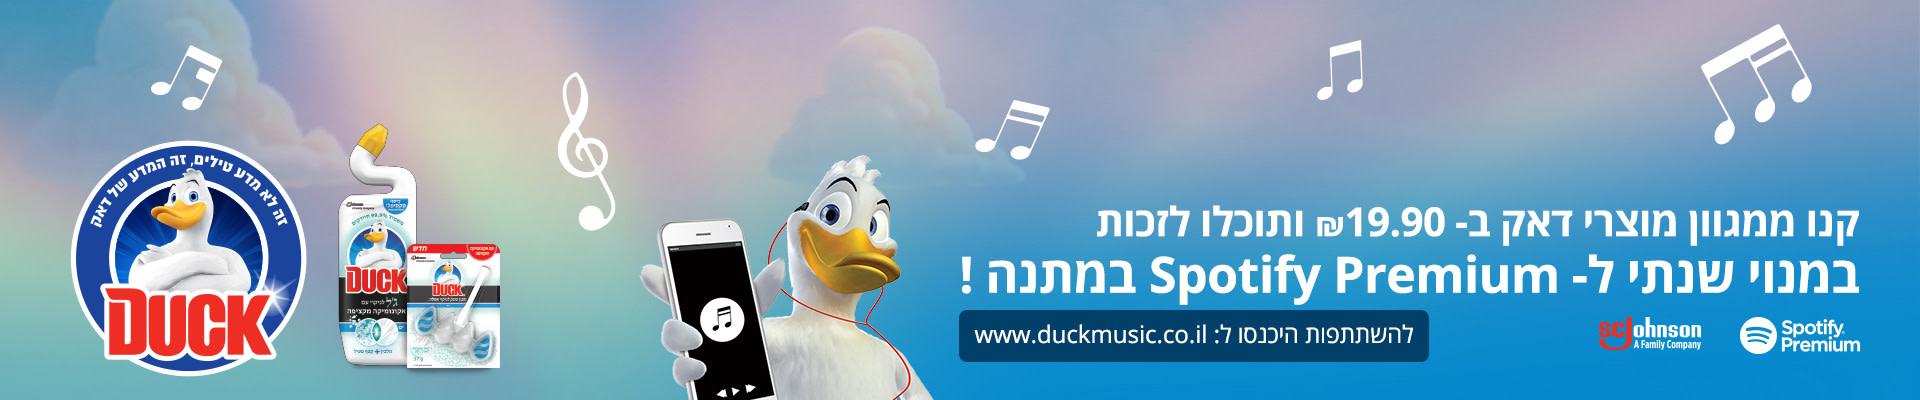 קנו ממוצרי דאק ב- 19.90 ₪ ותוכלו לזכות במנוי שנתי ל- Spotify Premium במתנה! להשתתפות היכנסו ל: www.duckmusic.co.il